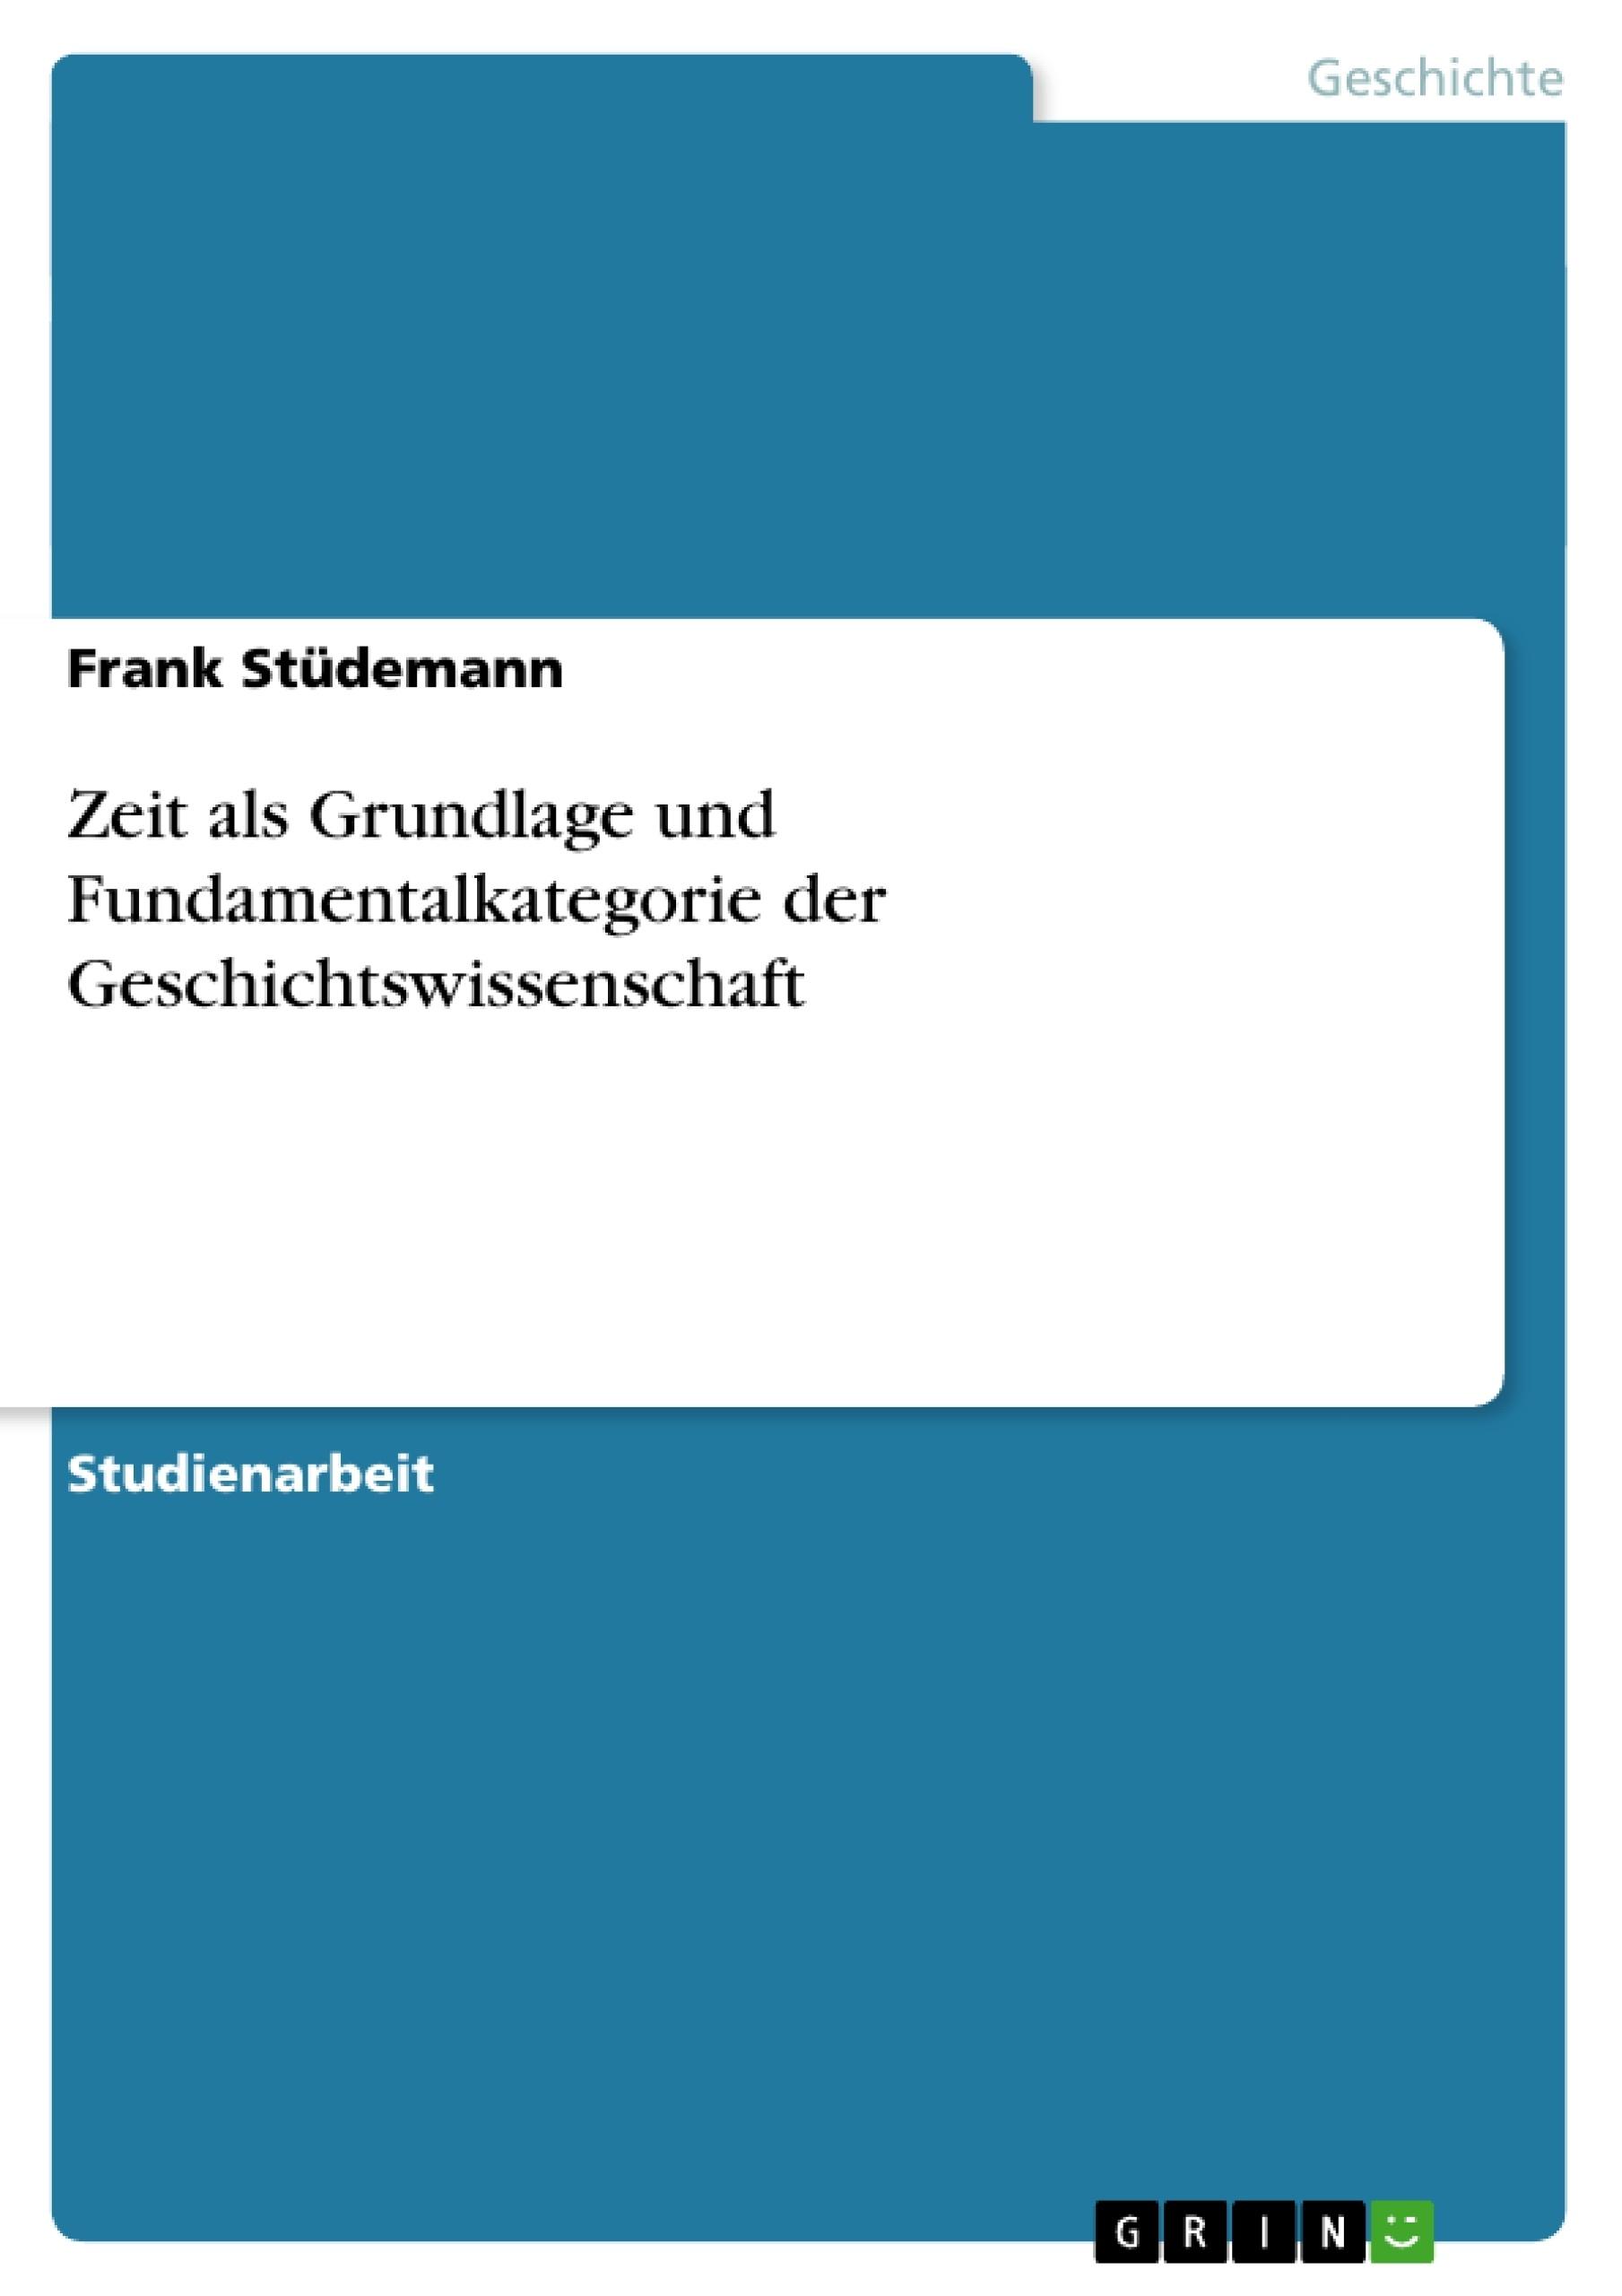 Titel: Zeit als Grundlage und Fundamentalkategorie der Geschichtswissenschaft